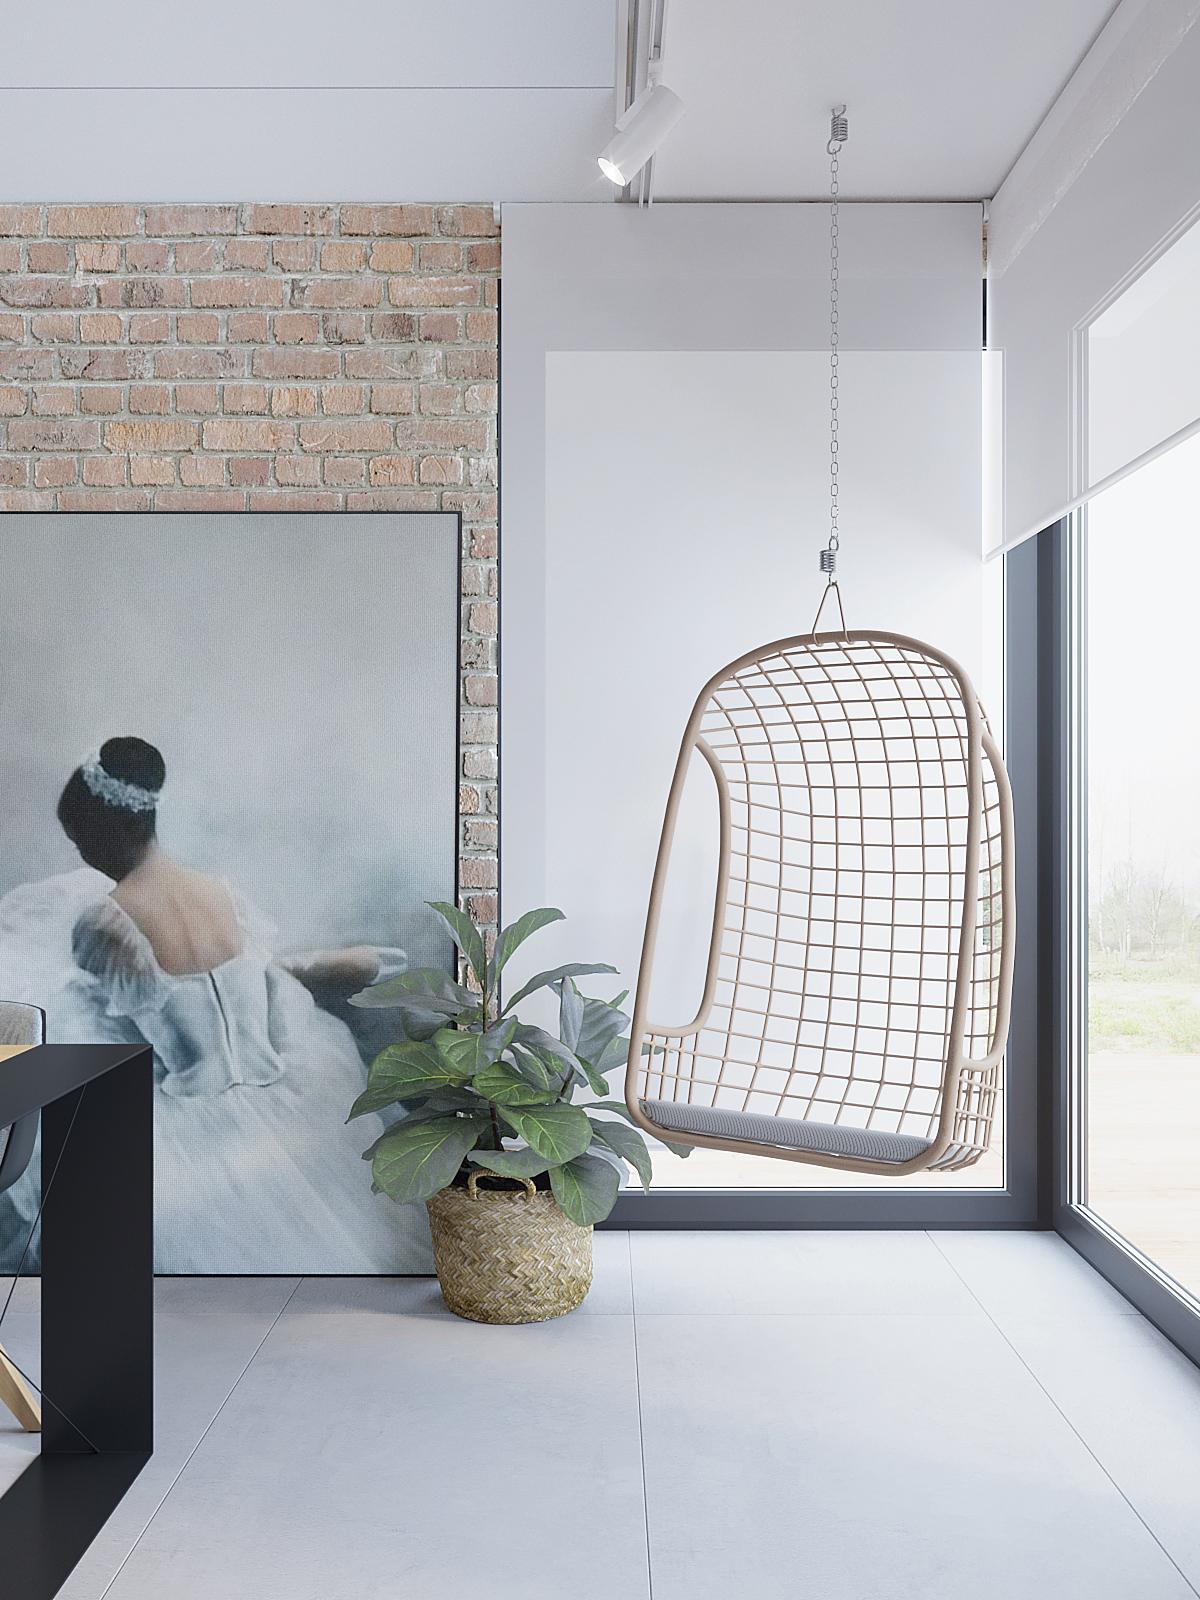 15 architekt wnetrz D428 dom Ruda Slaska salon wiszacy fotel cegal na scianie obraz z baletnica